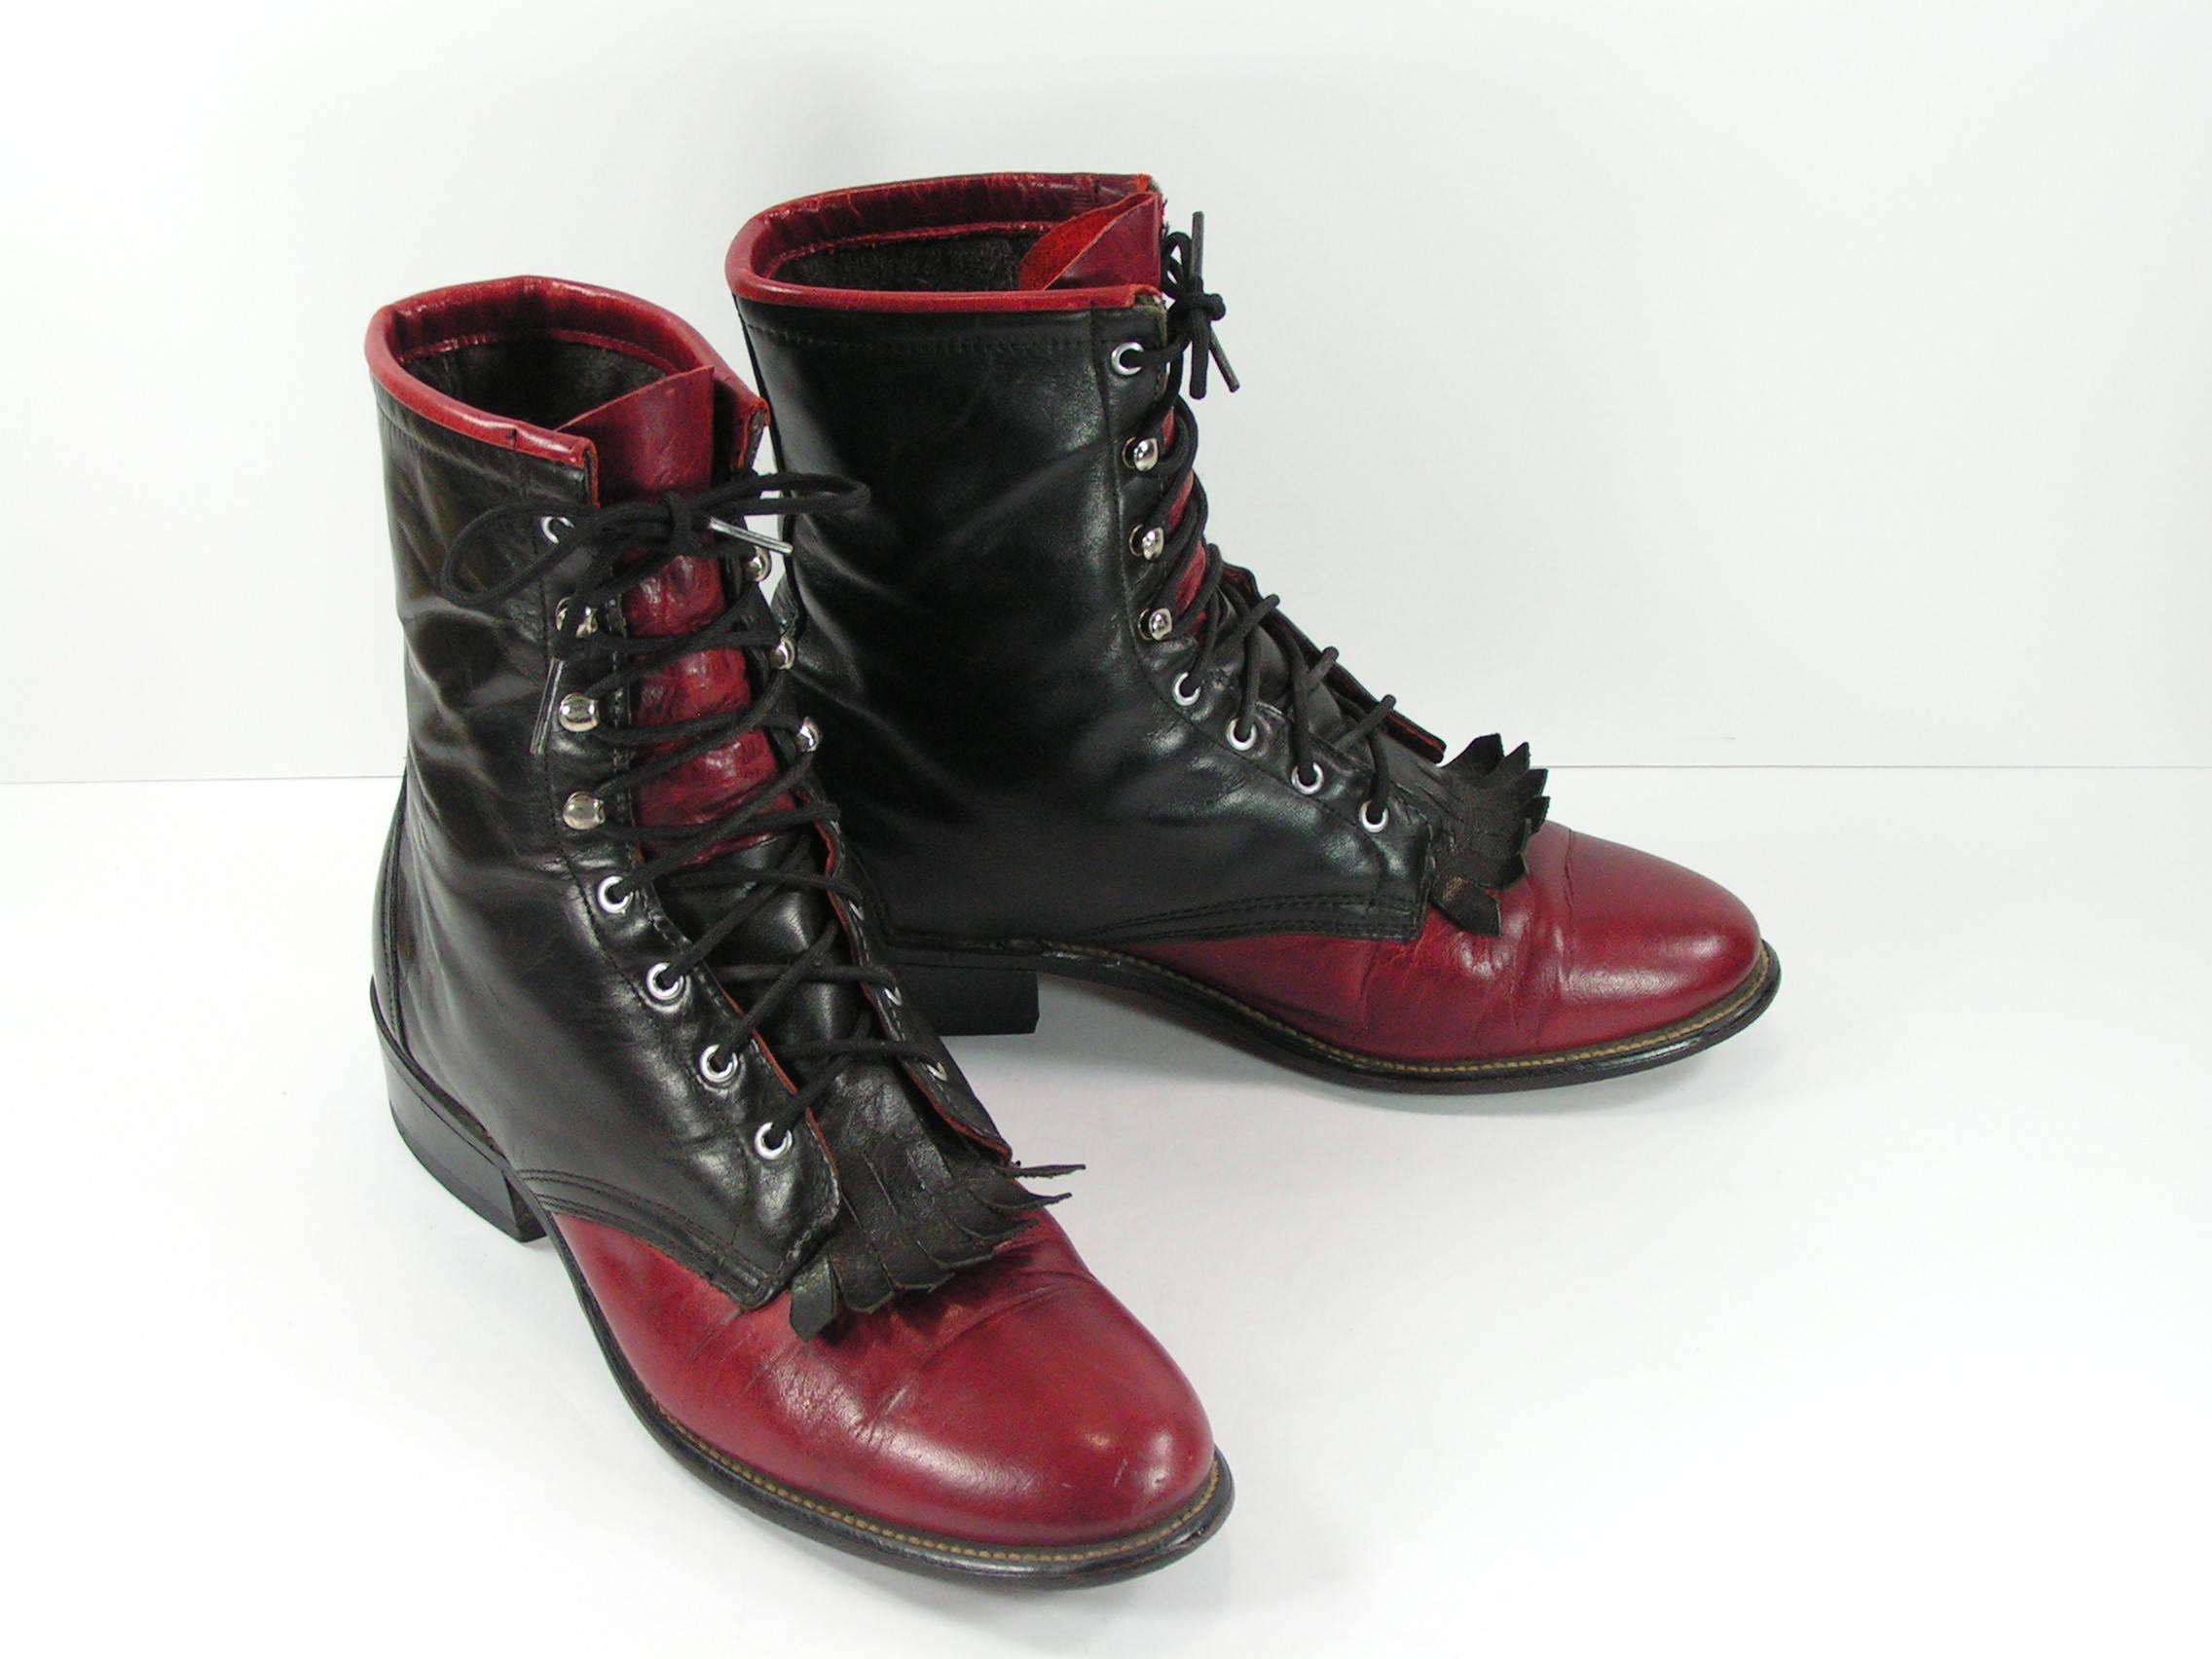 Women's Size 7 // Vintage Cowboy Boots, $59.99